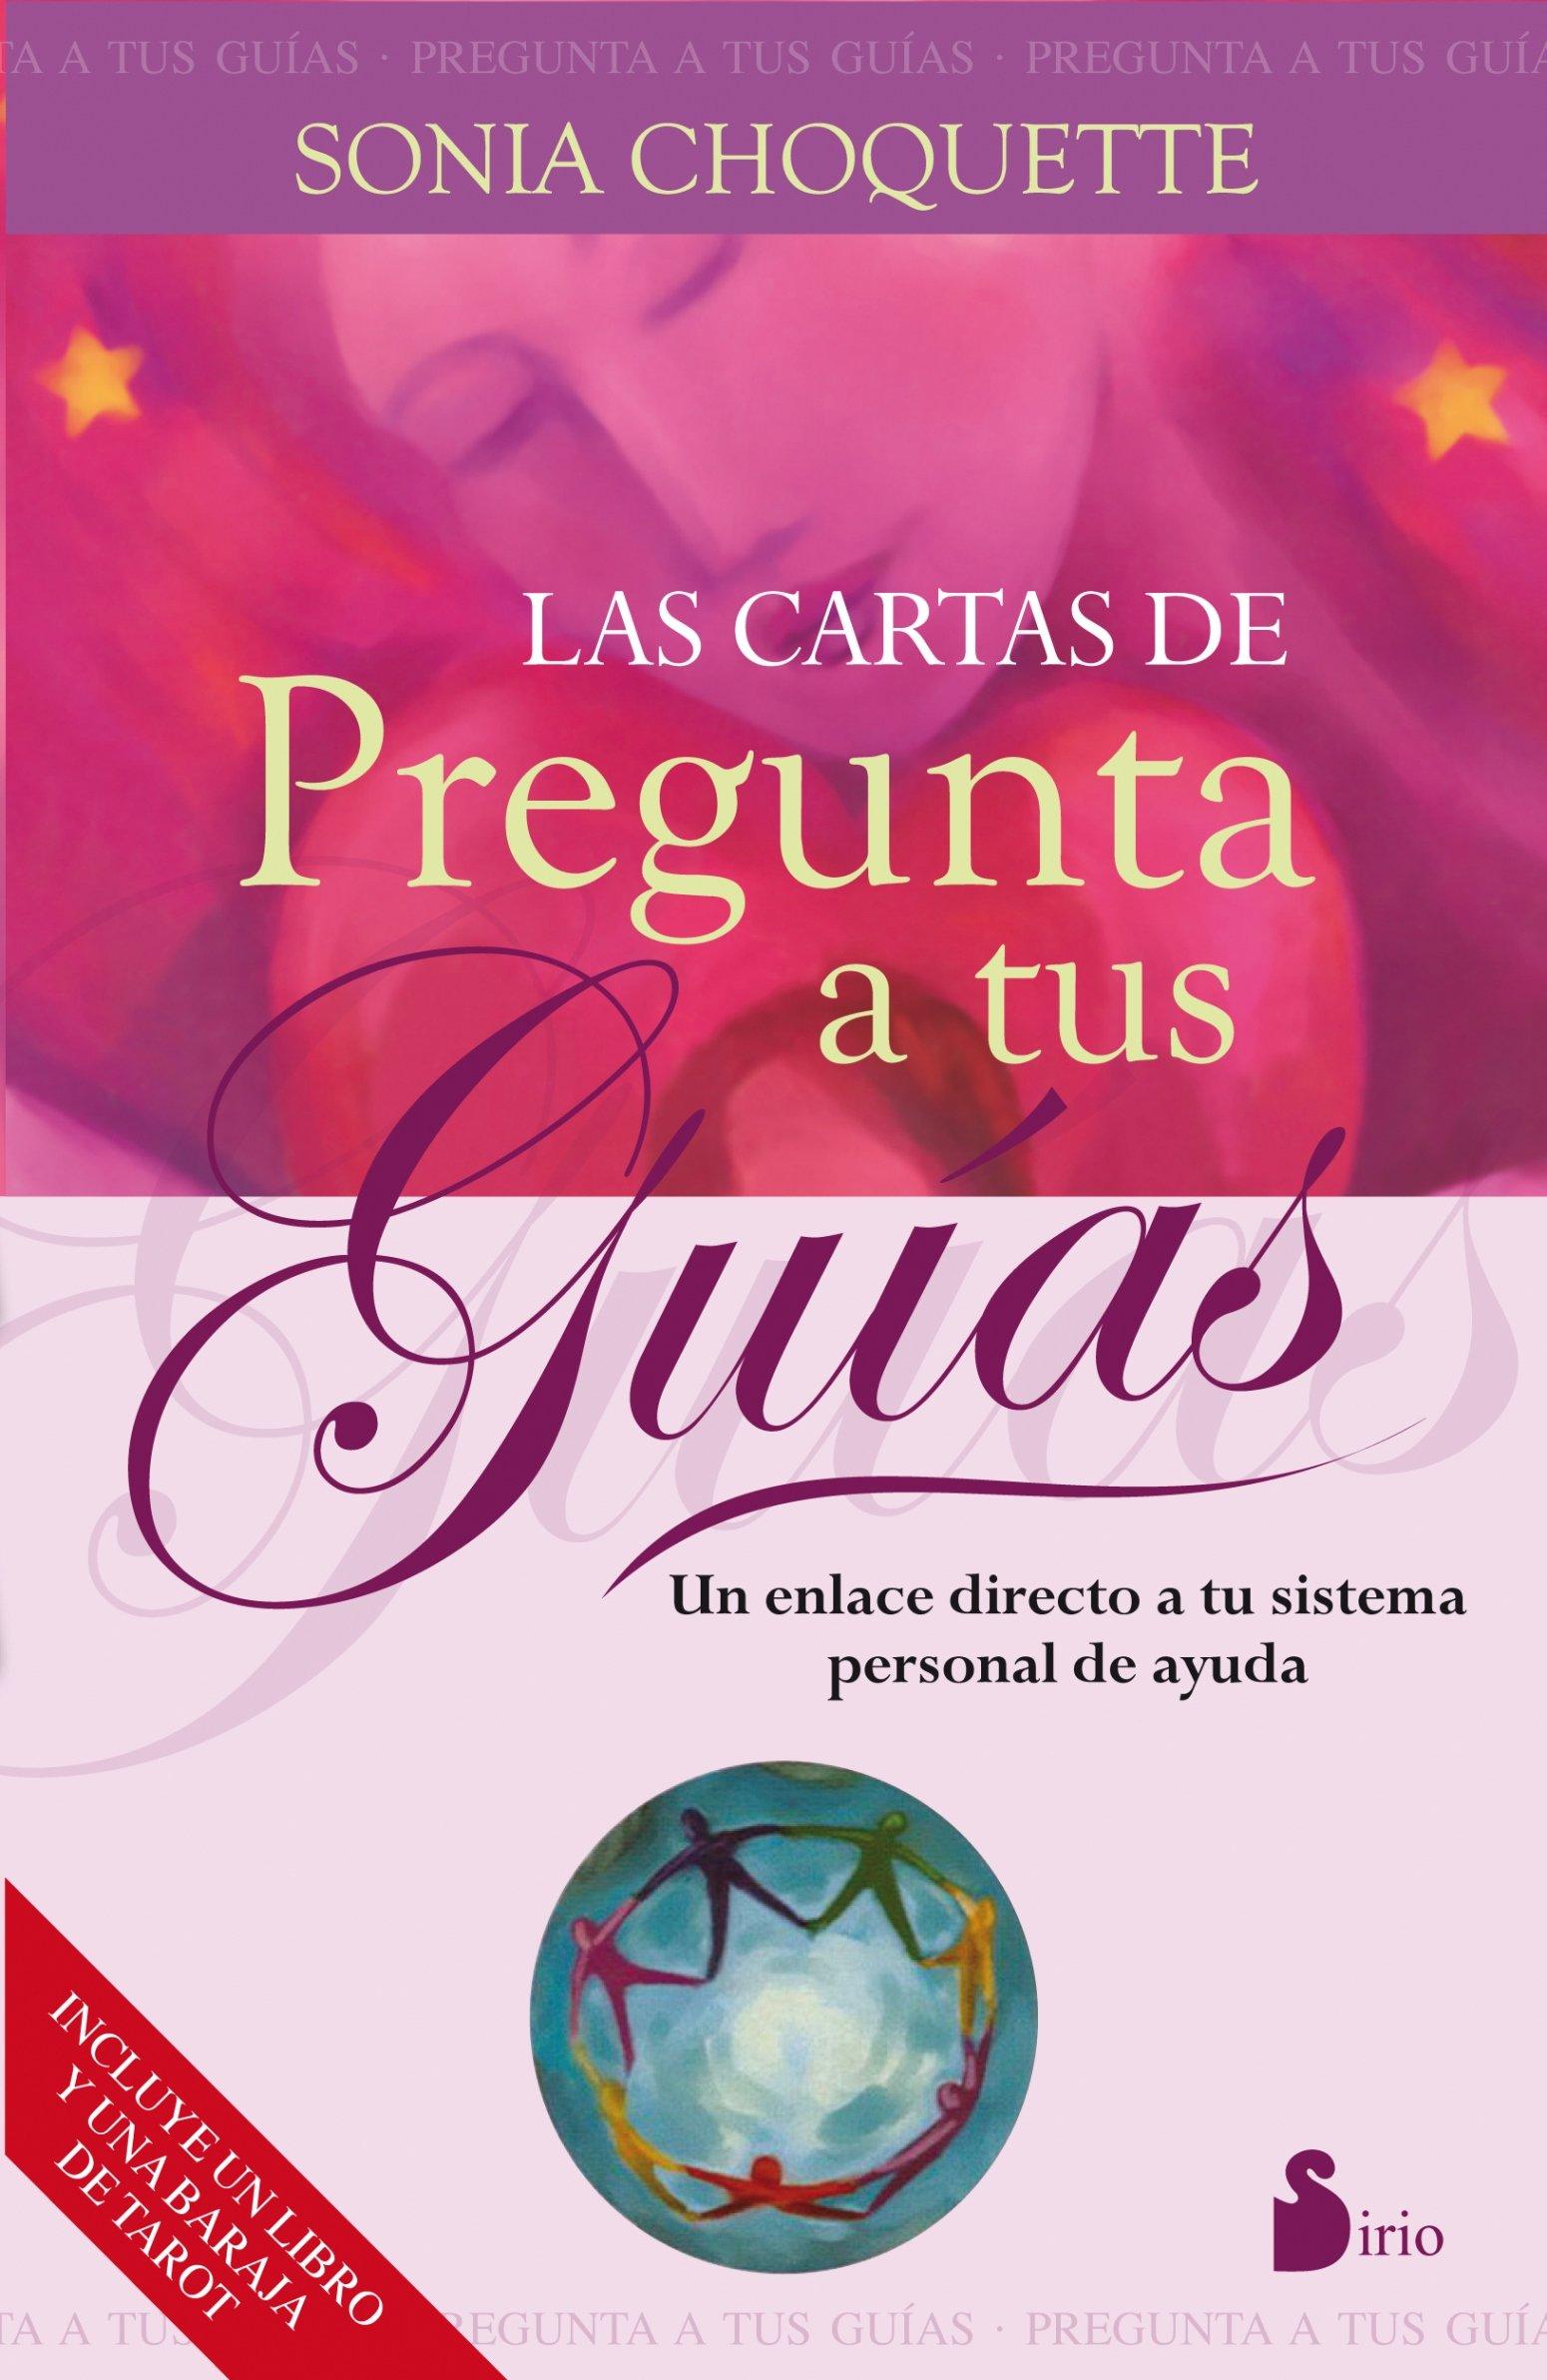 Cartas de pregunta a tus guias: Amazon.es: SONIA CHOQUETTE ...